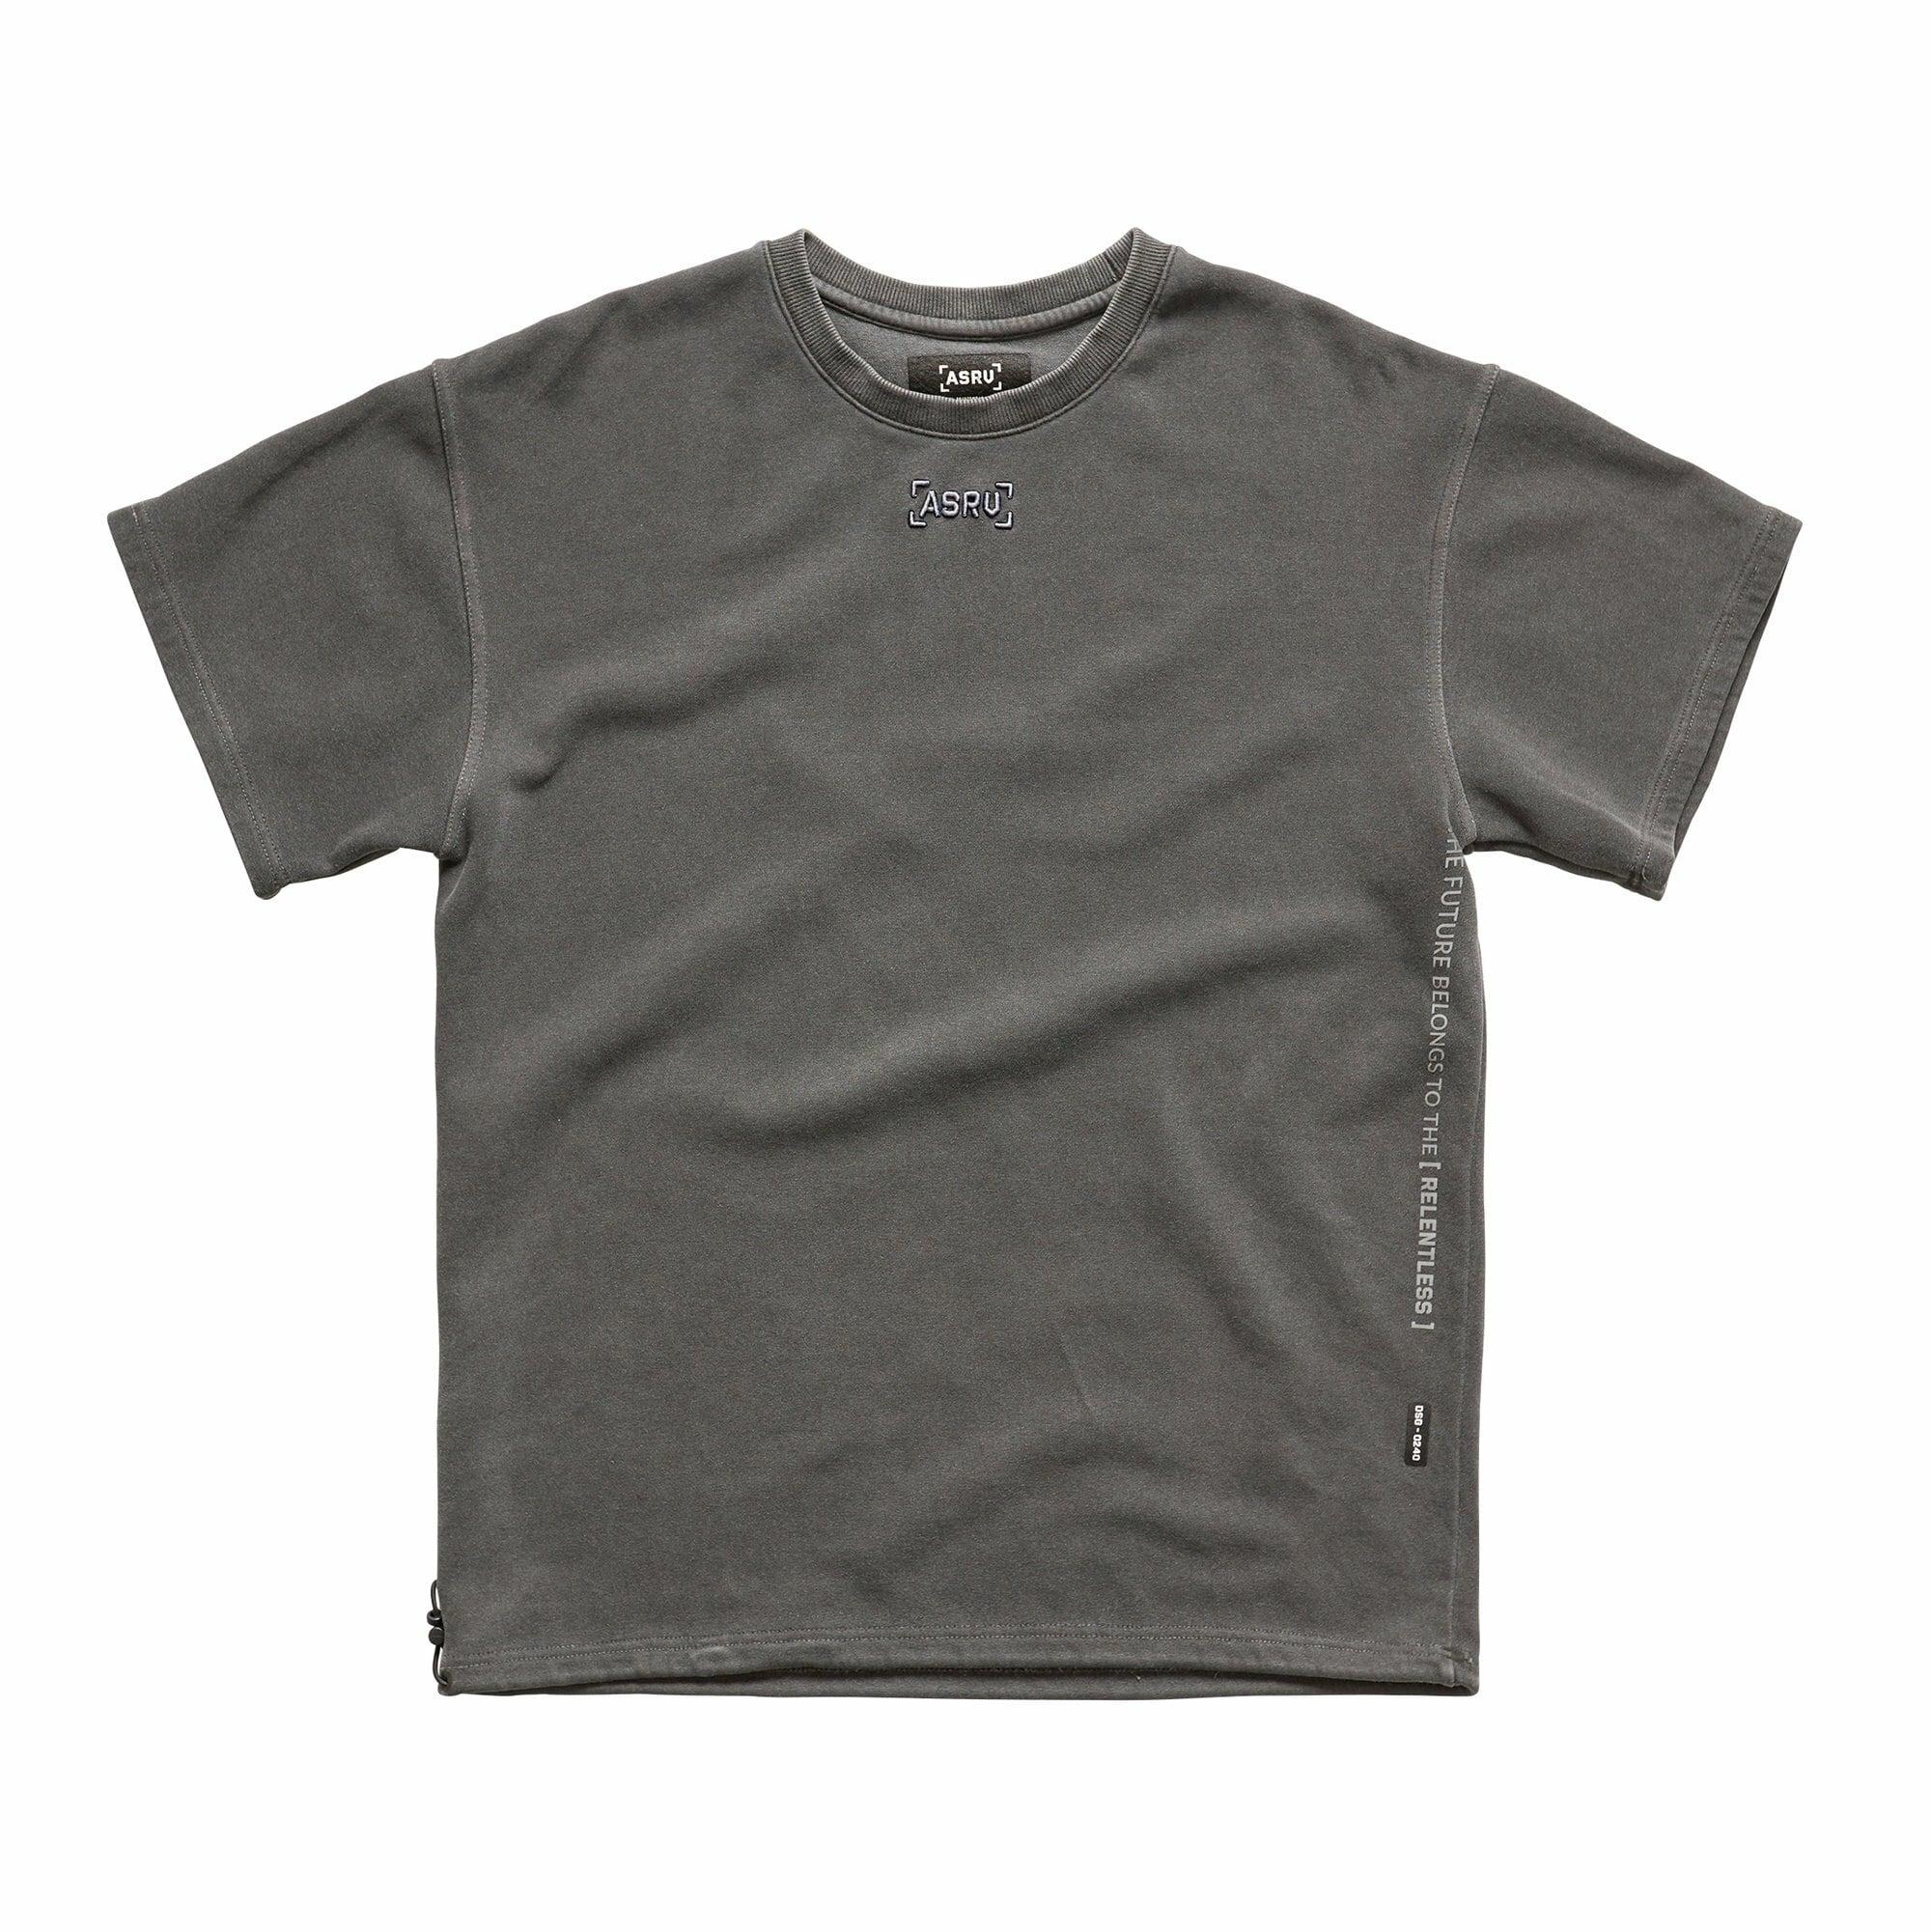 完売御礼【ASRV】SilverPlus® テクニカルTシャツ - Black